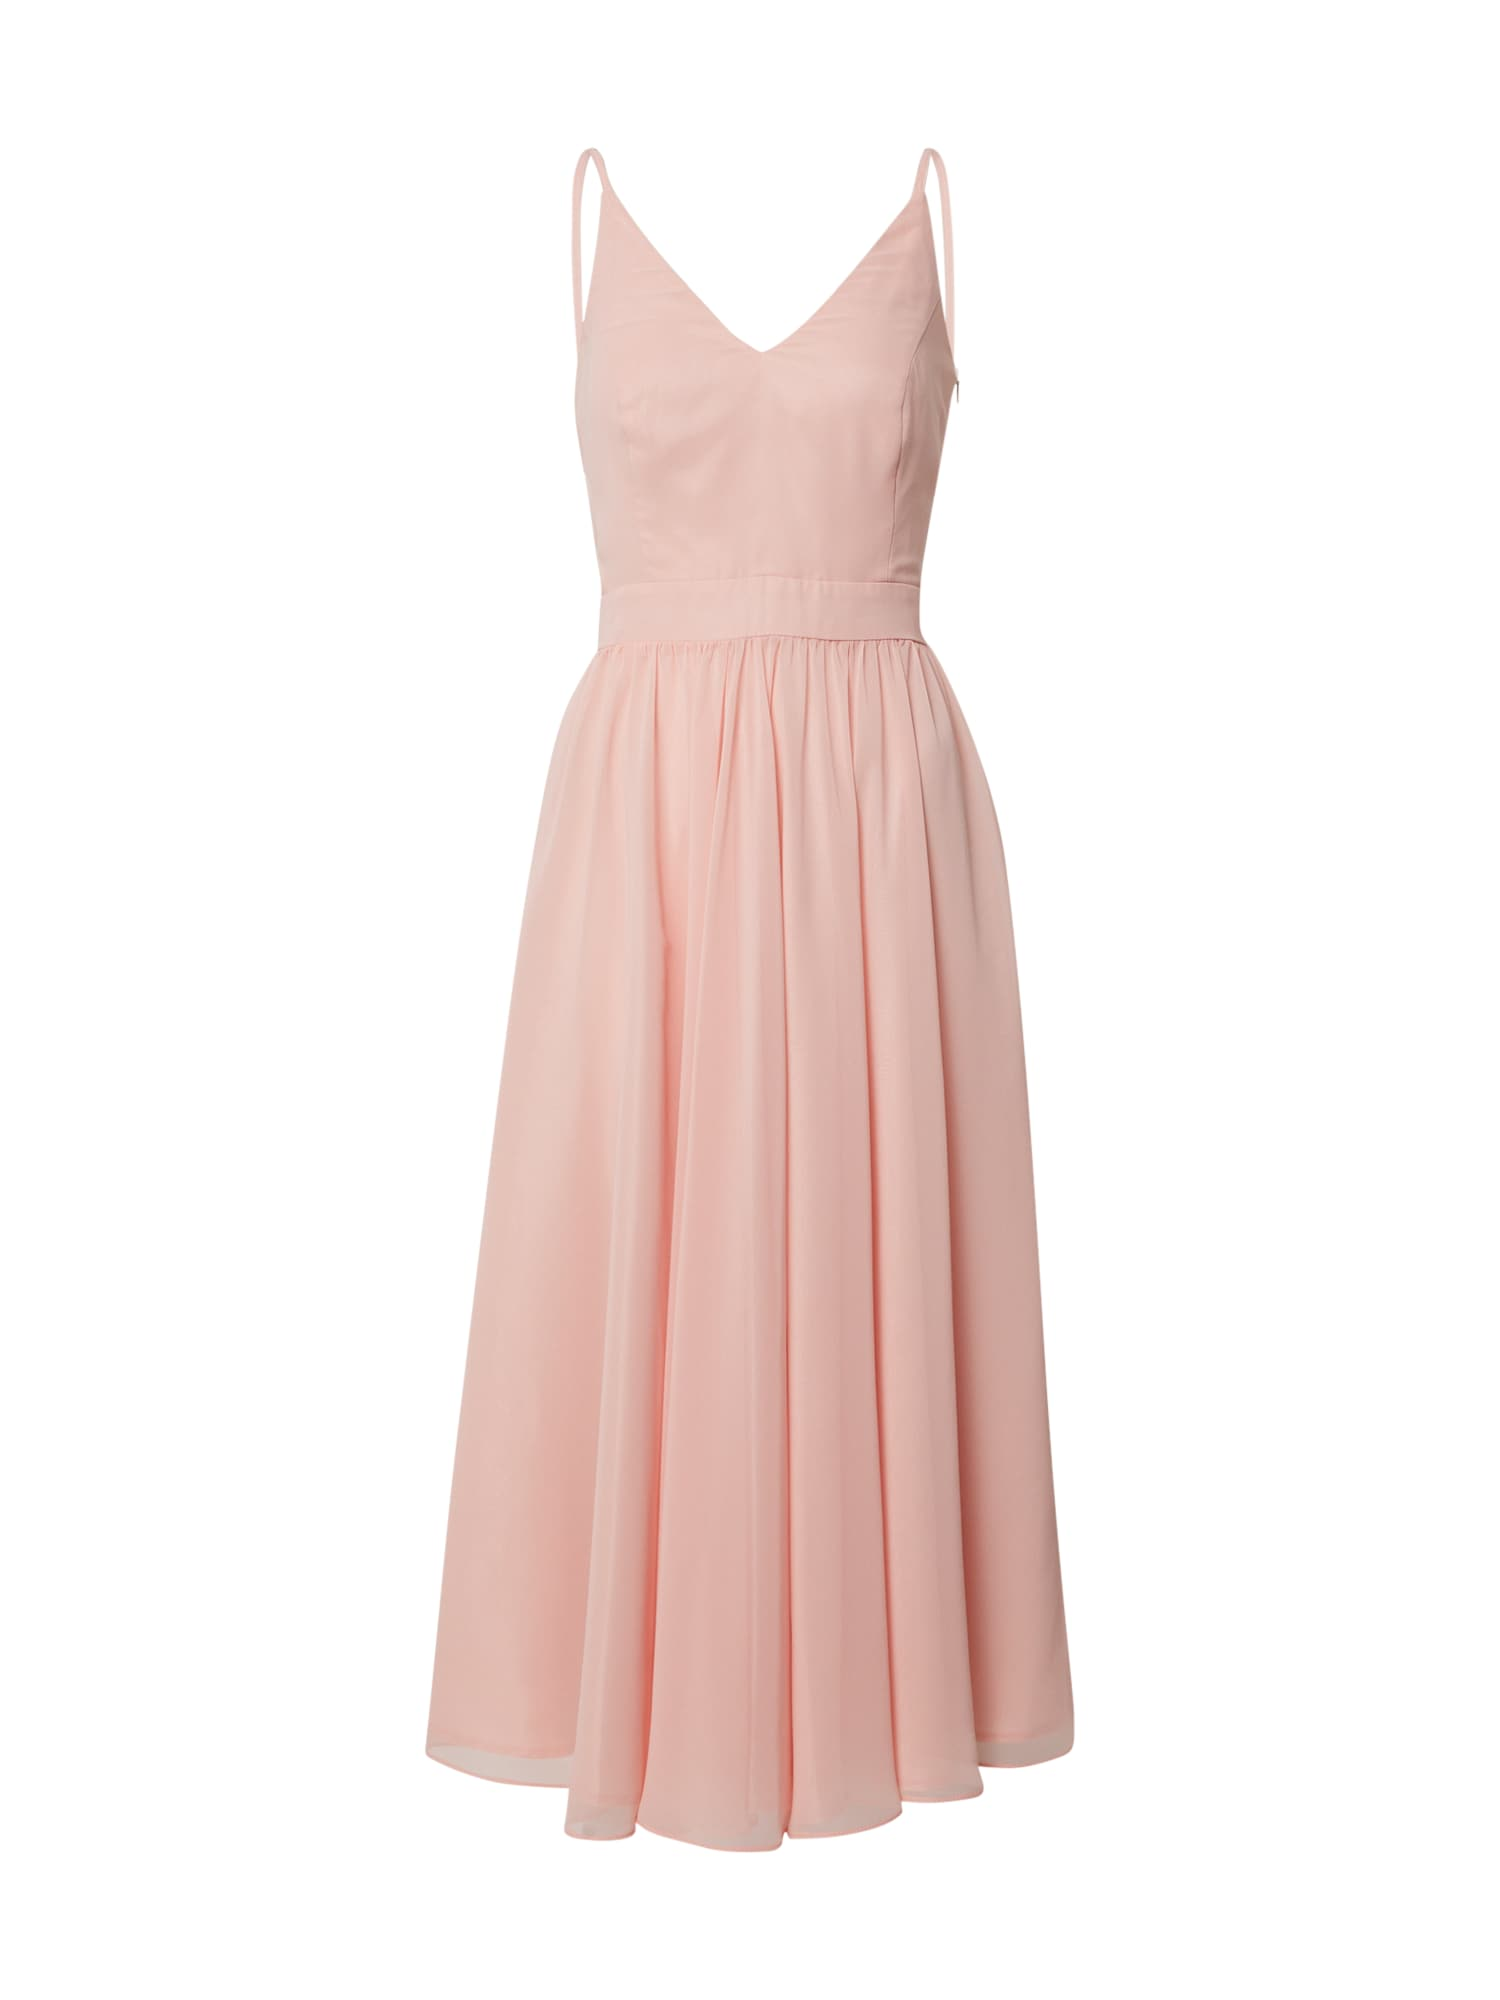 SWING Kokteilinė suknelė koralų splava / rožių spalva